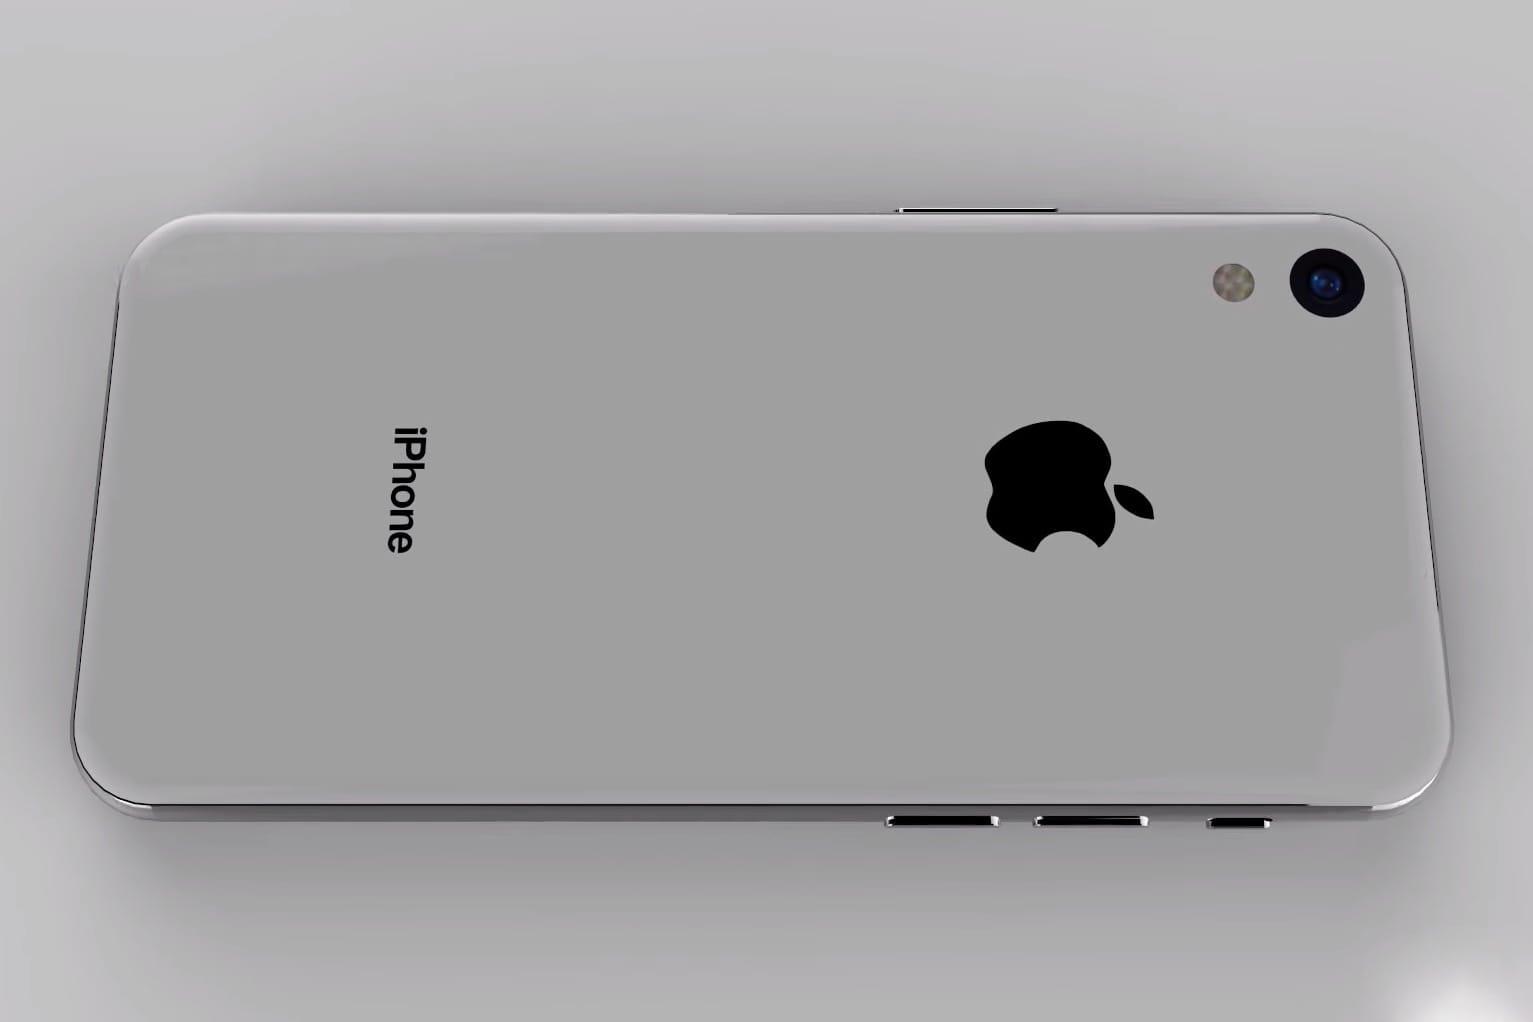 Концепт-видео iPhoneSE 2 ввиде уменьшенного iPhone X